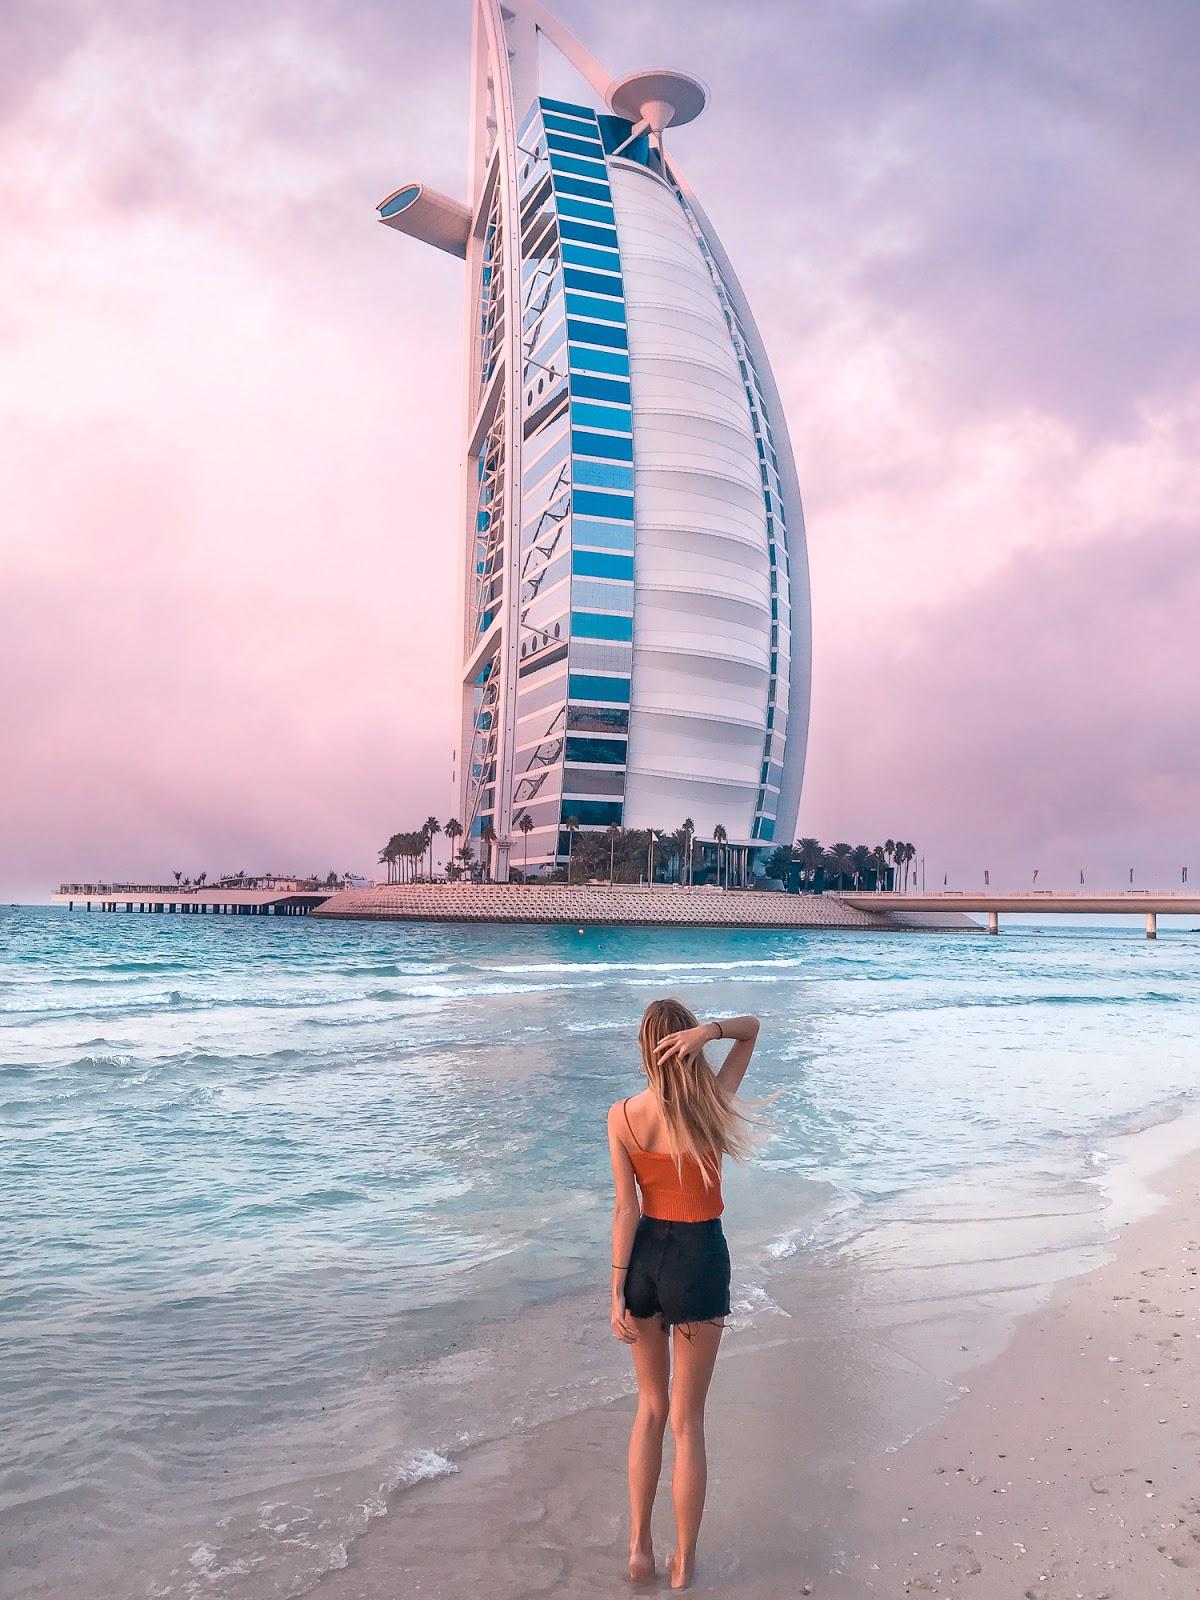 burj al arab dubai view